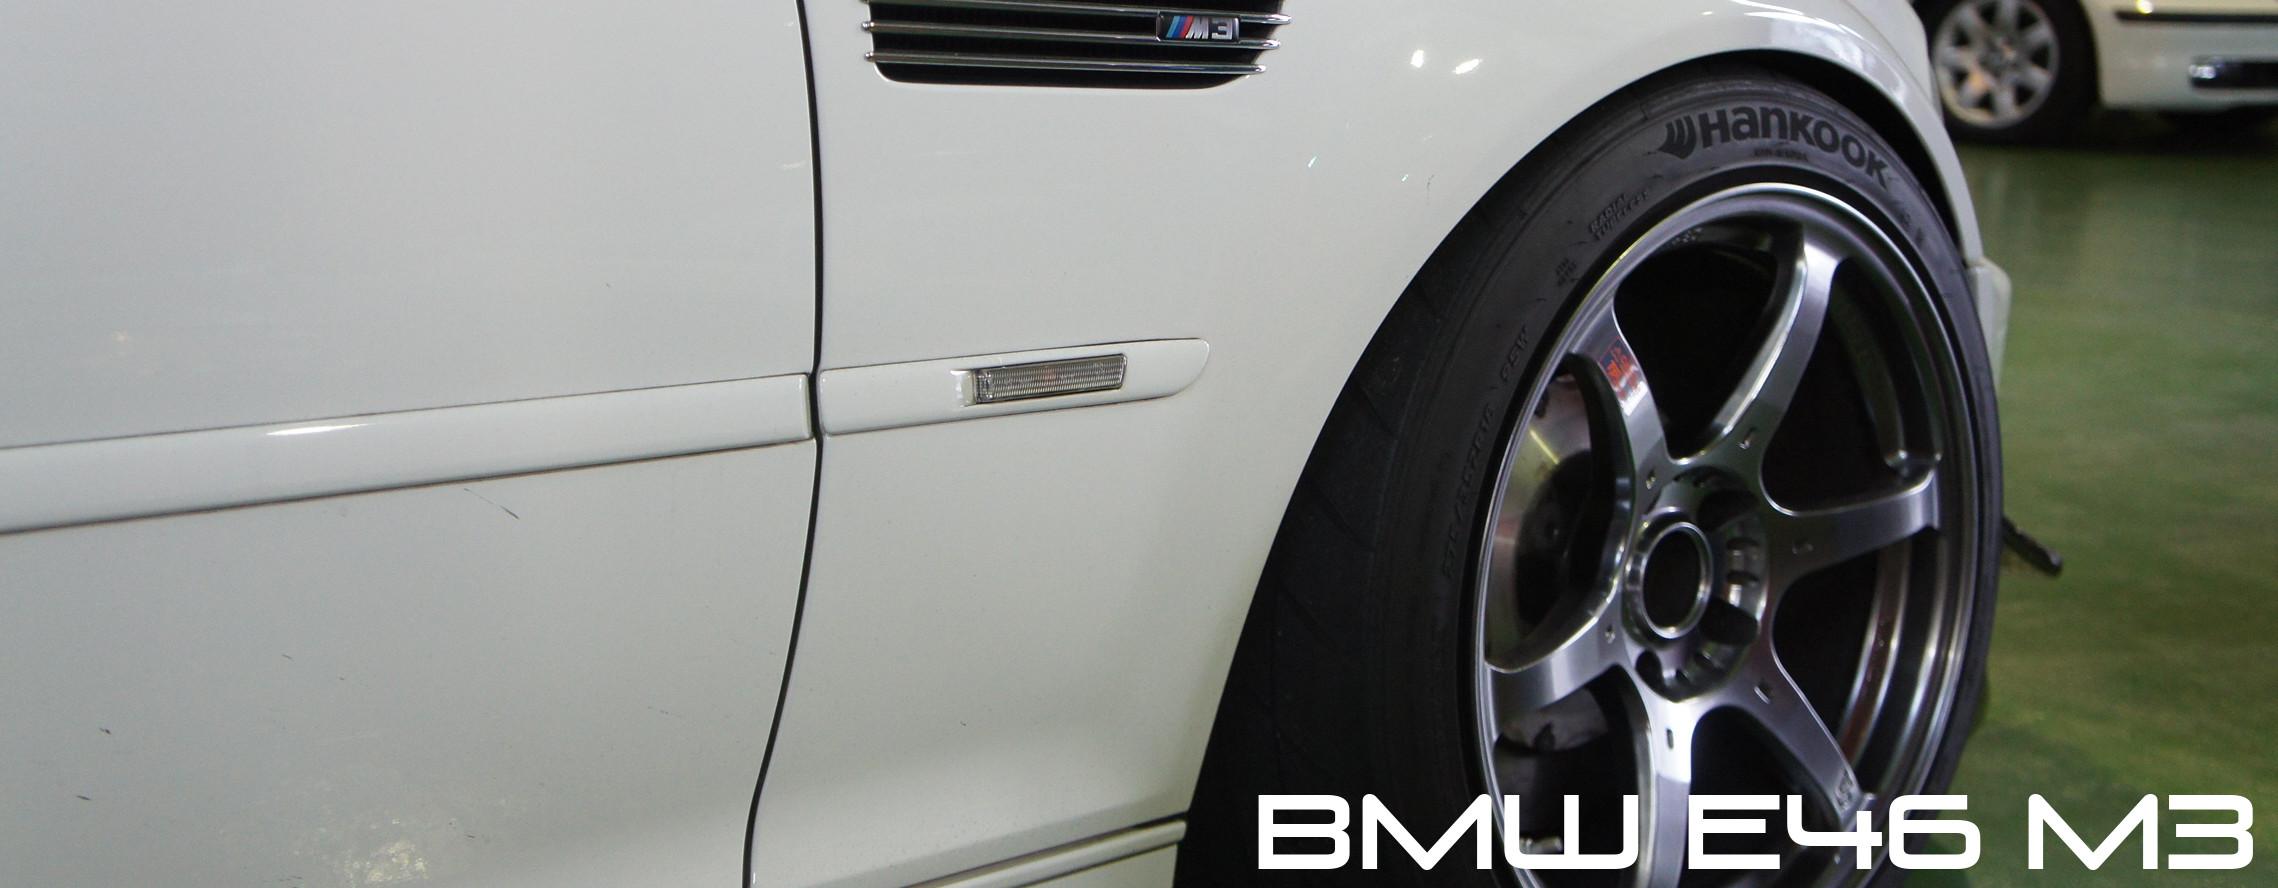 TECH-Mデモカー BMW E46 M3